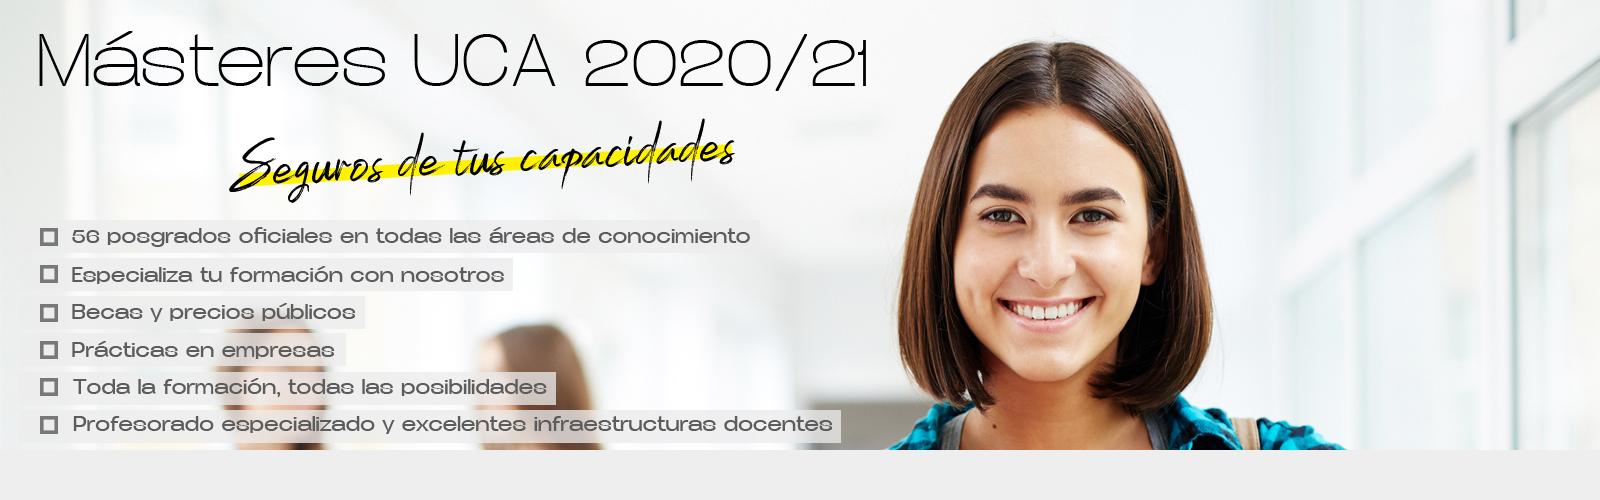 IMG Másteres UCA 2020/21